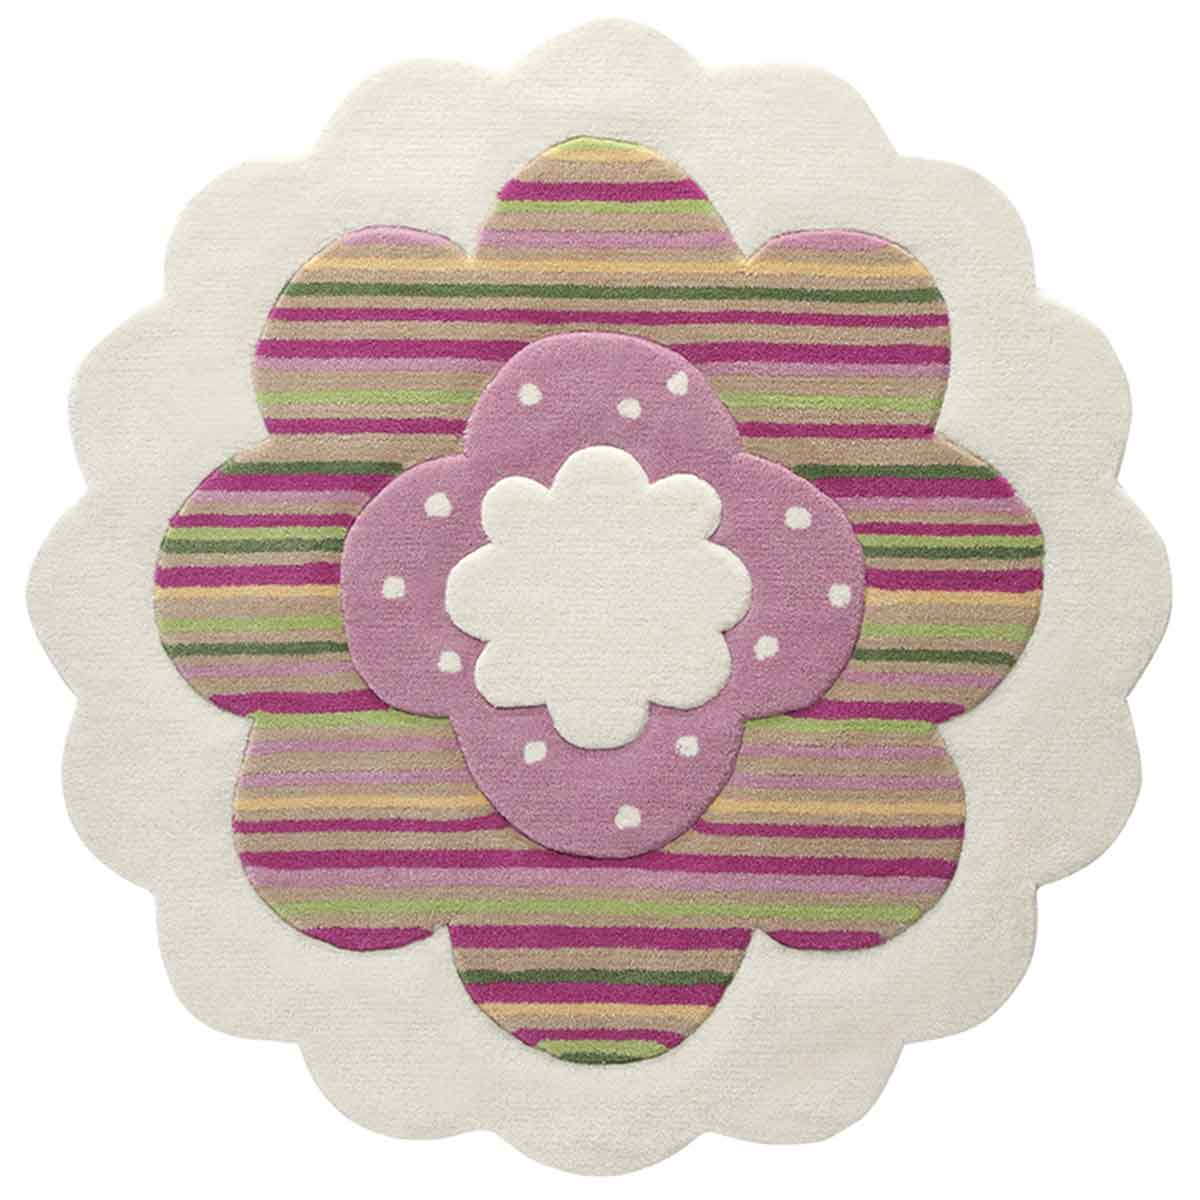 esprit ctapis flower shape blanc 100x100 par. Black Bedroom Furniture Sets. Home Design Ideas